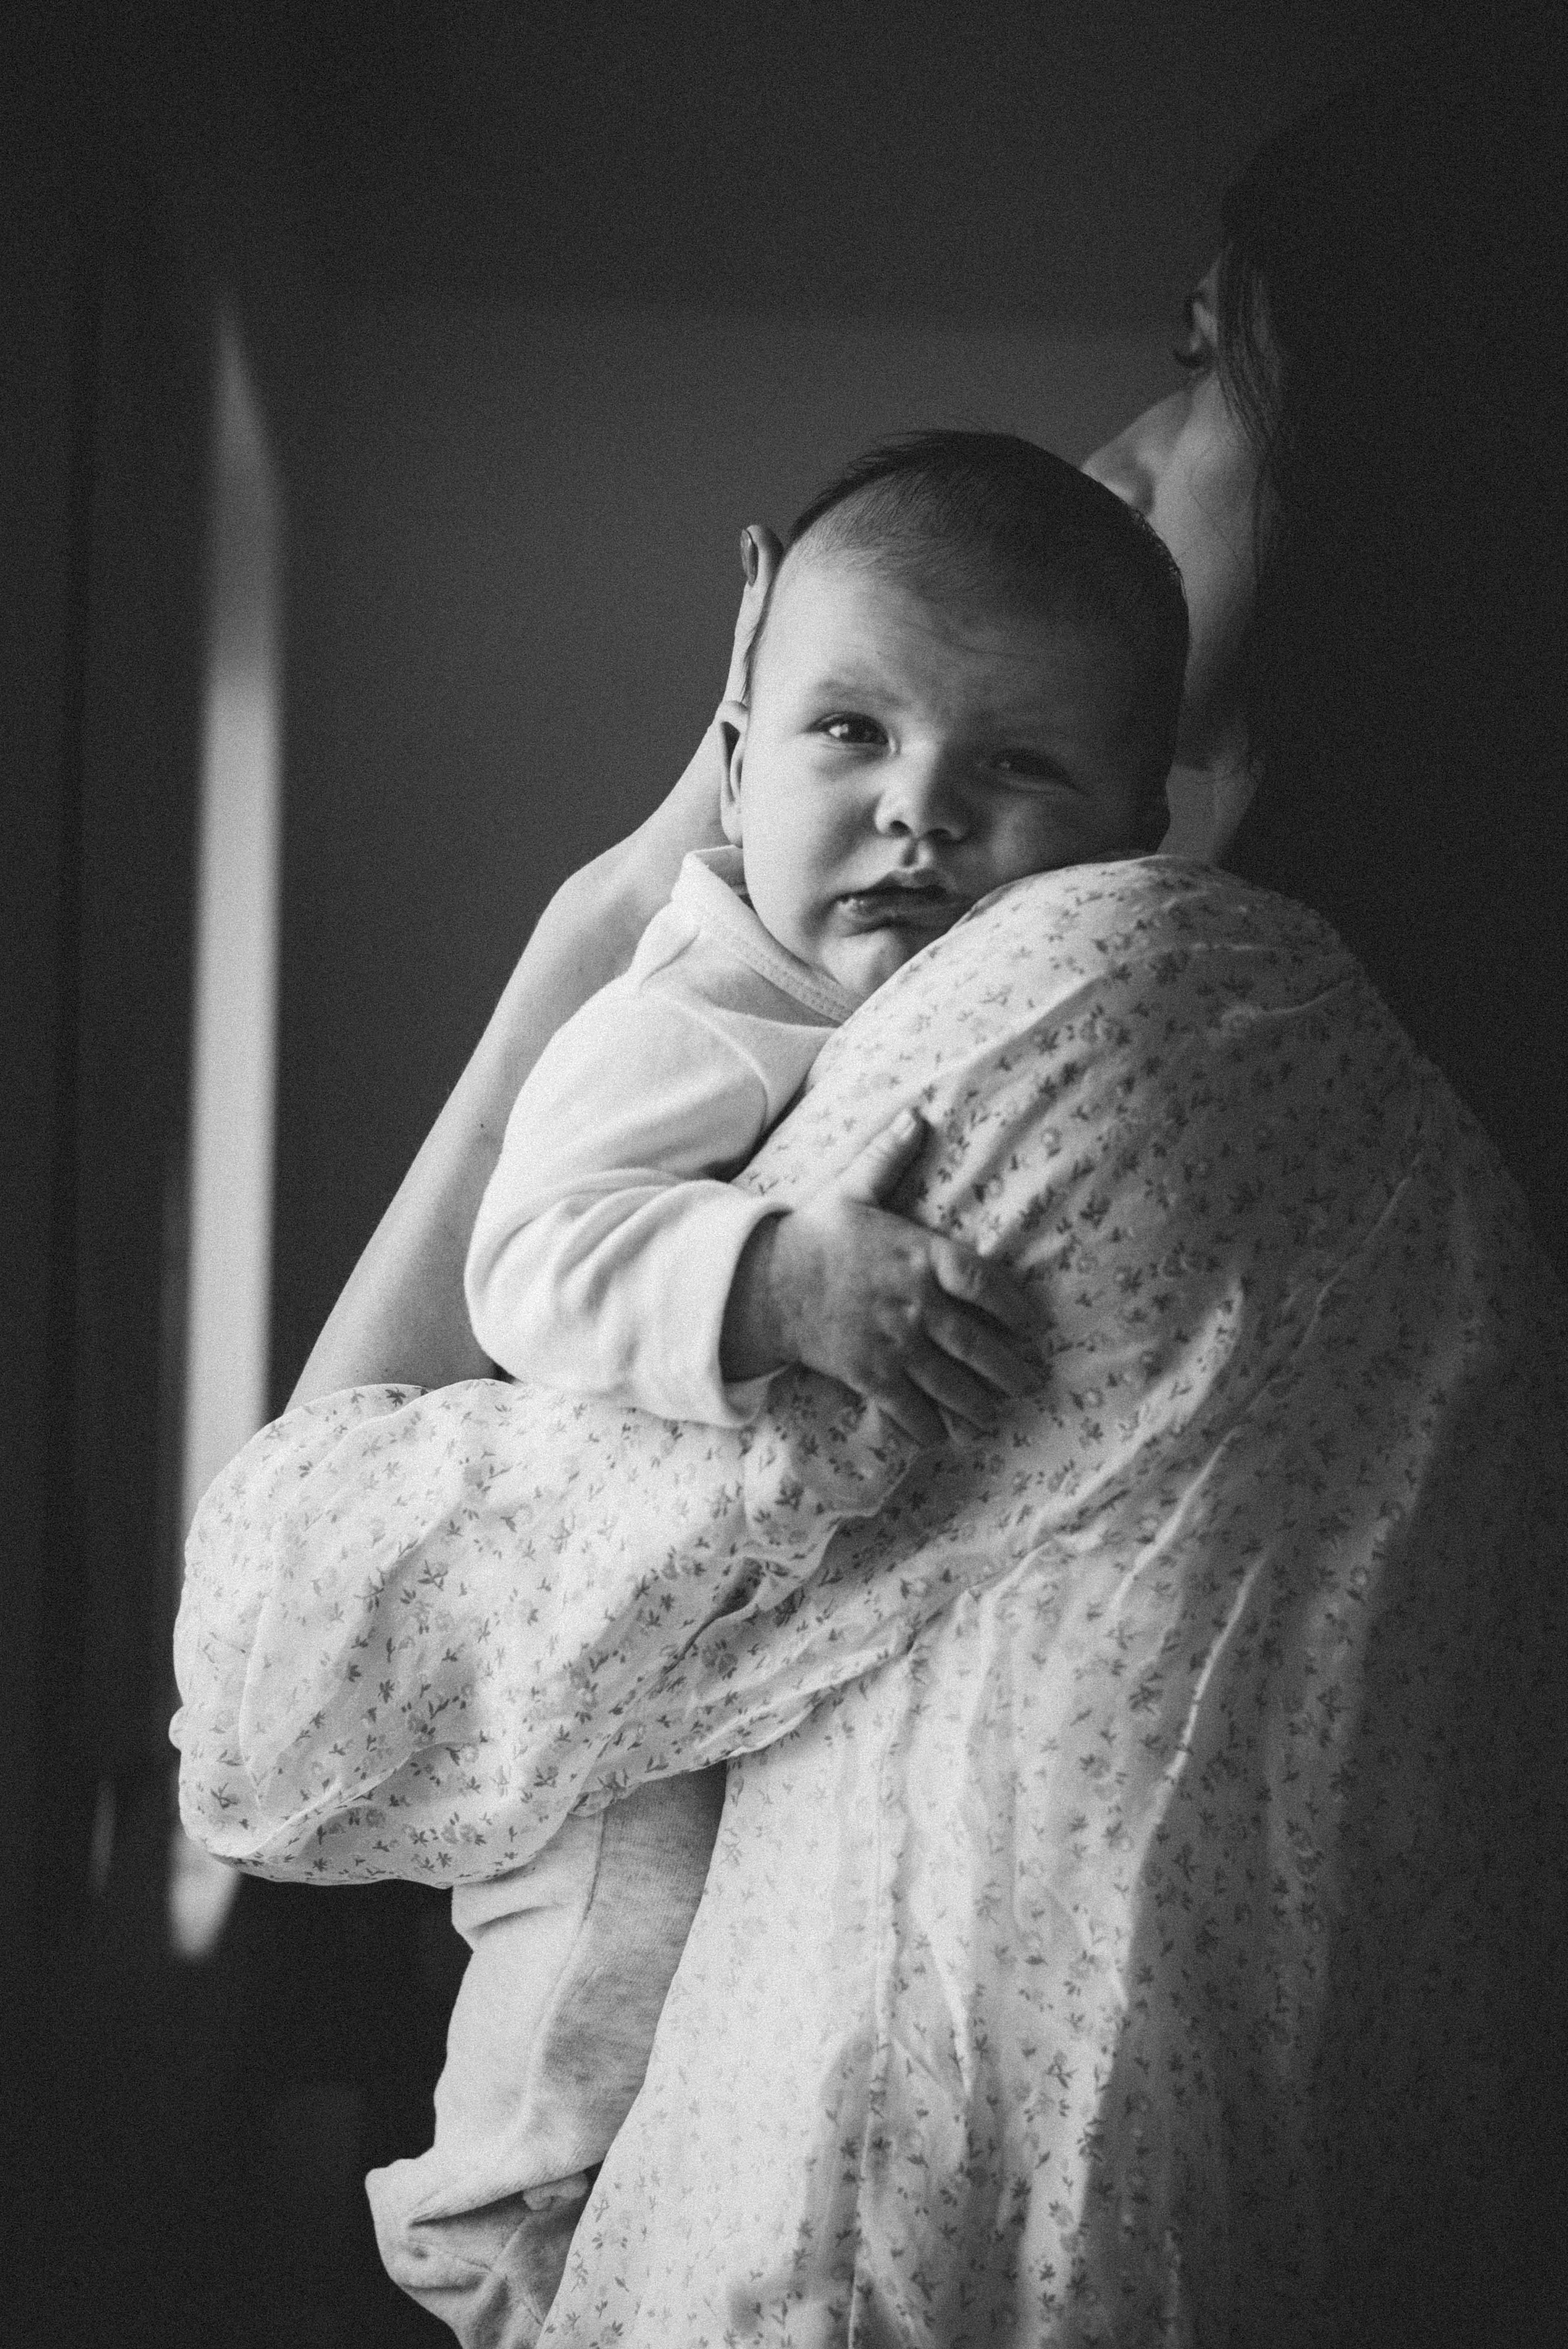 sesja-rodzinna-dzieck-newborn-wroclaw-okonasznurku (11)